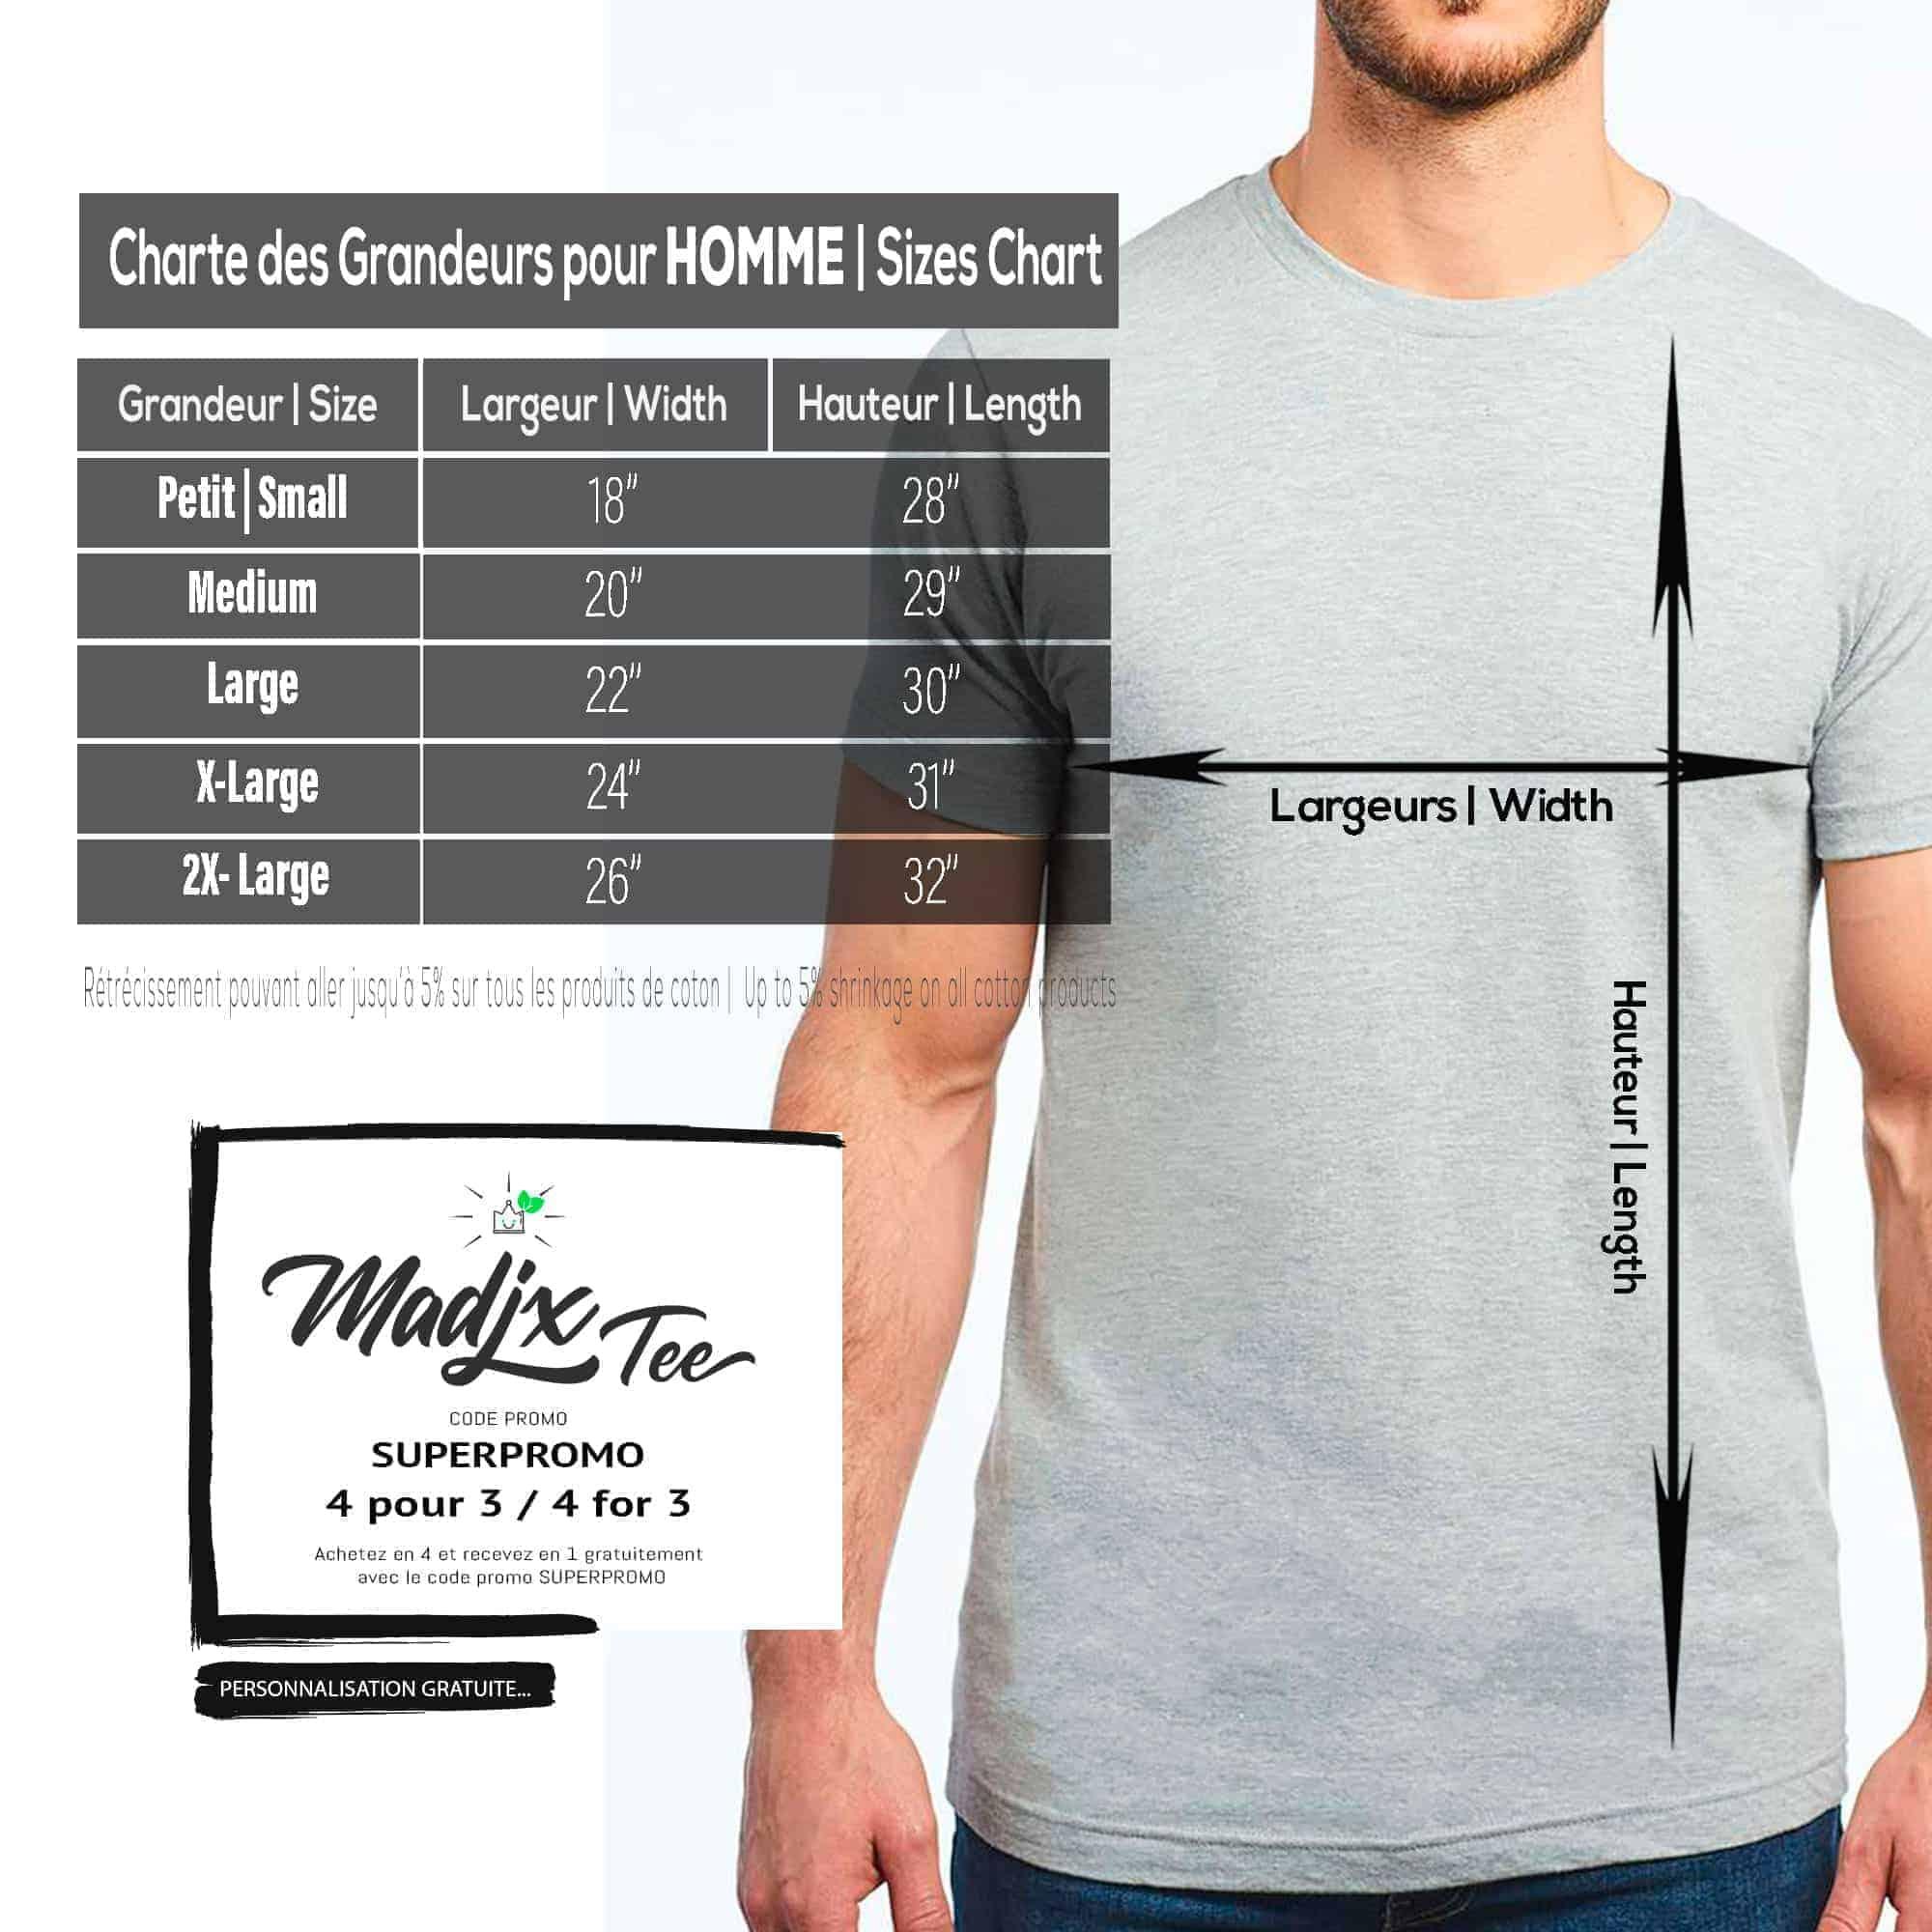 #çavabienaller t-shirt pour homme 2